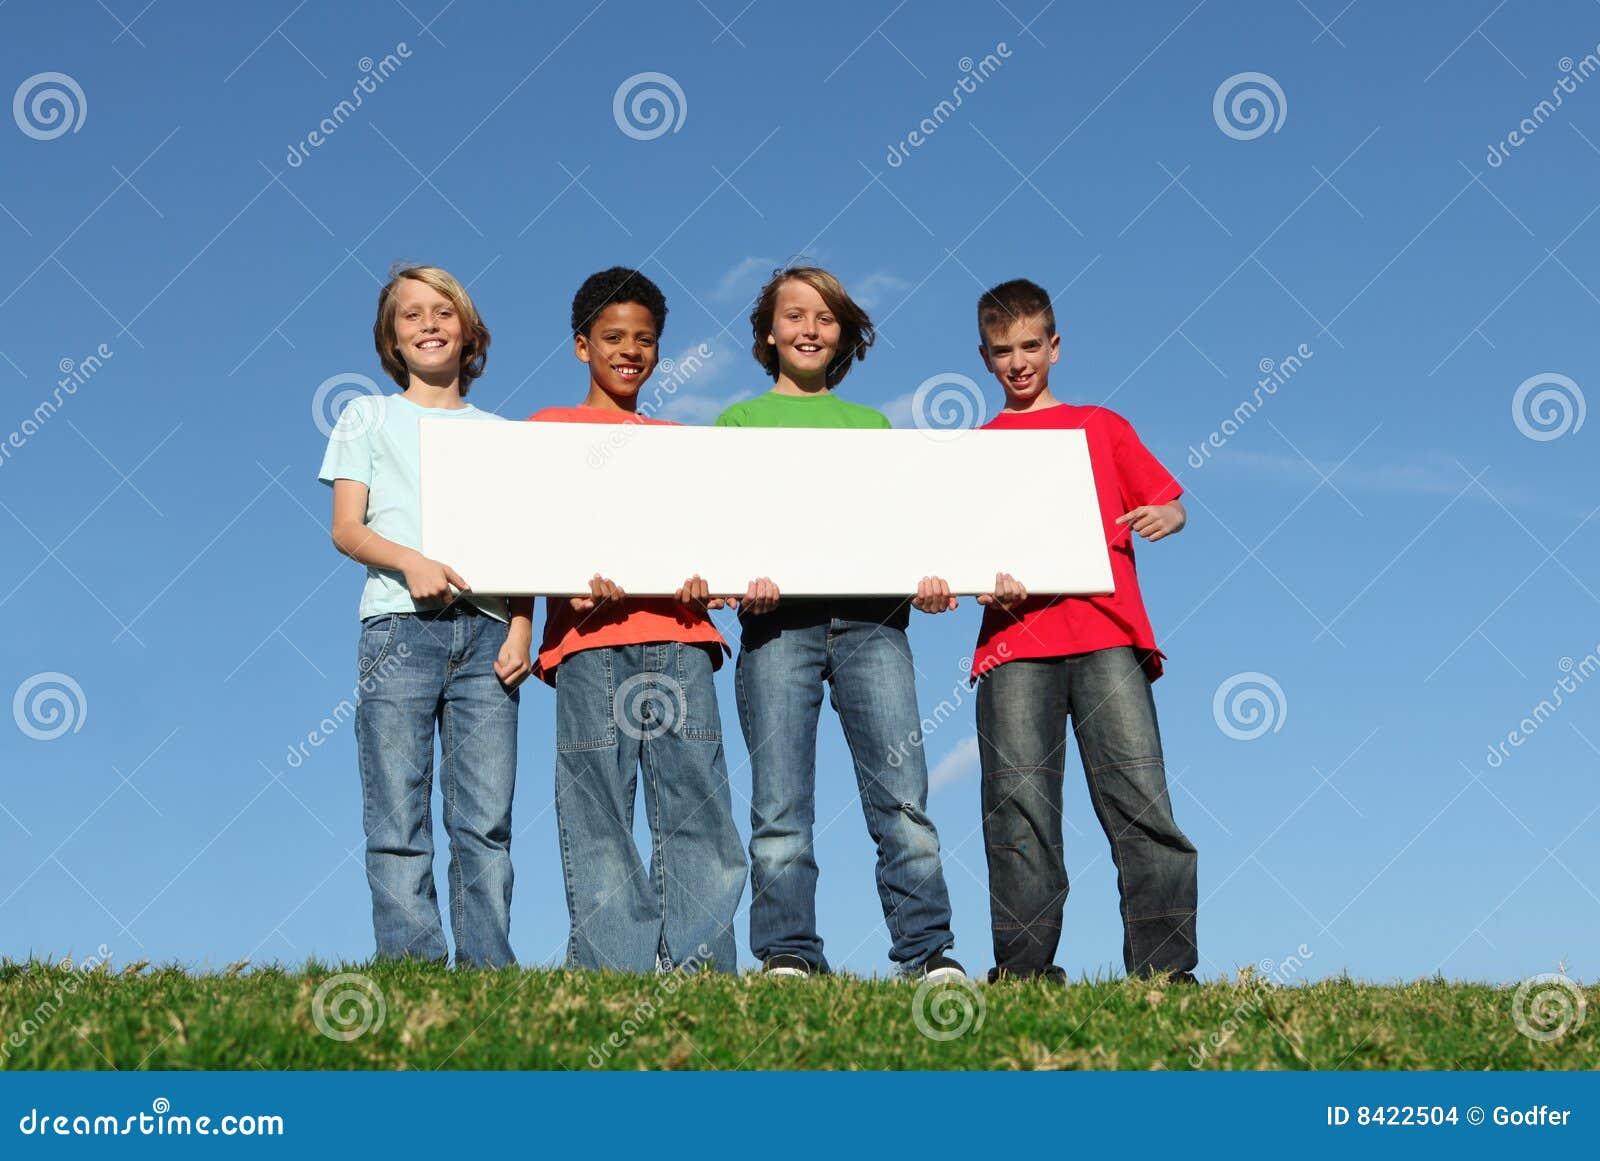 Groep jonge geitjes met leeg teken